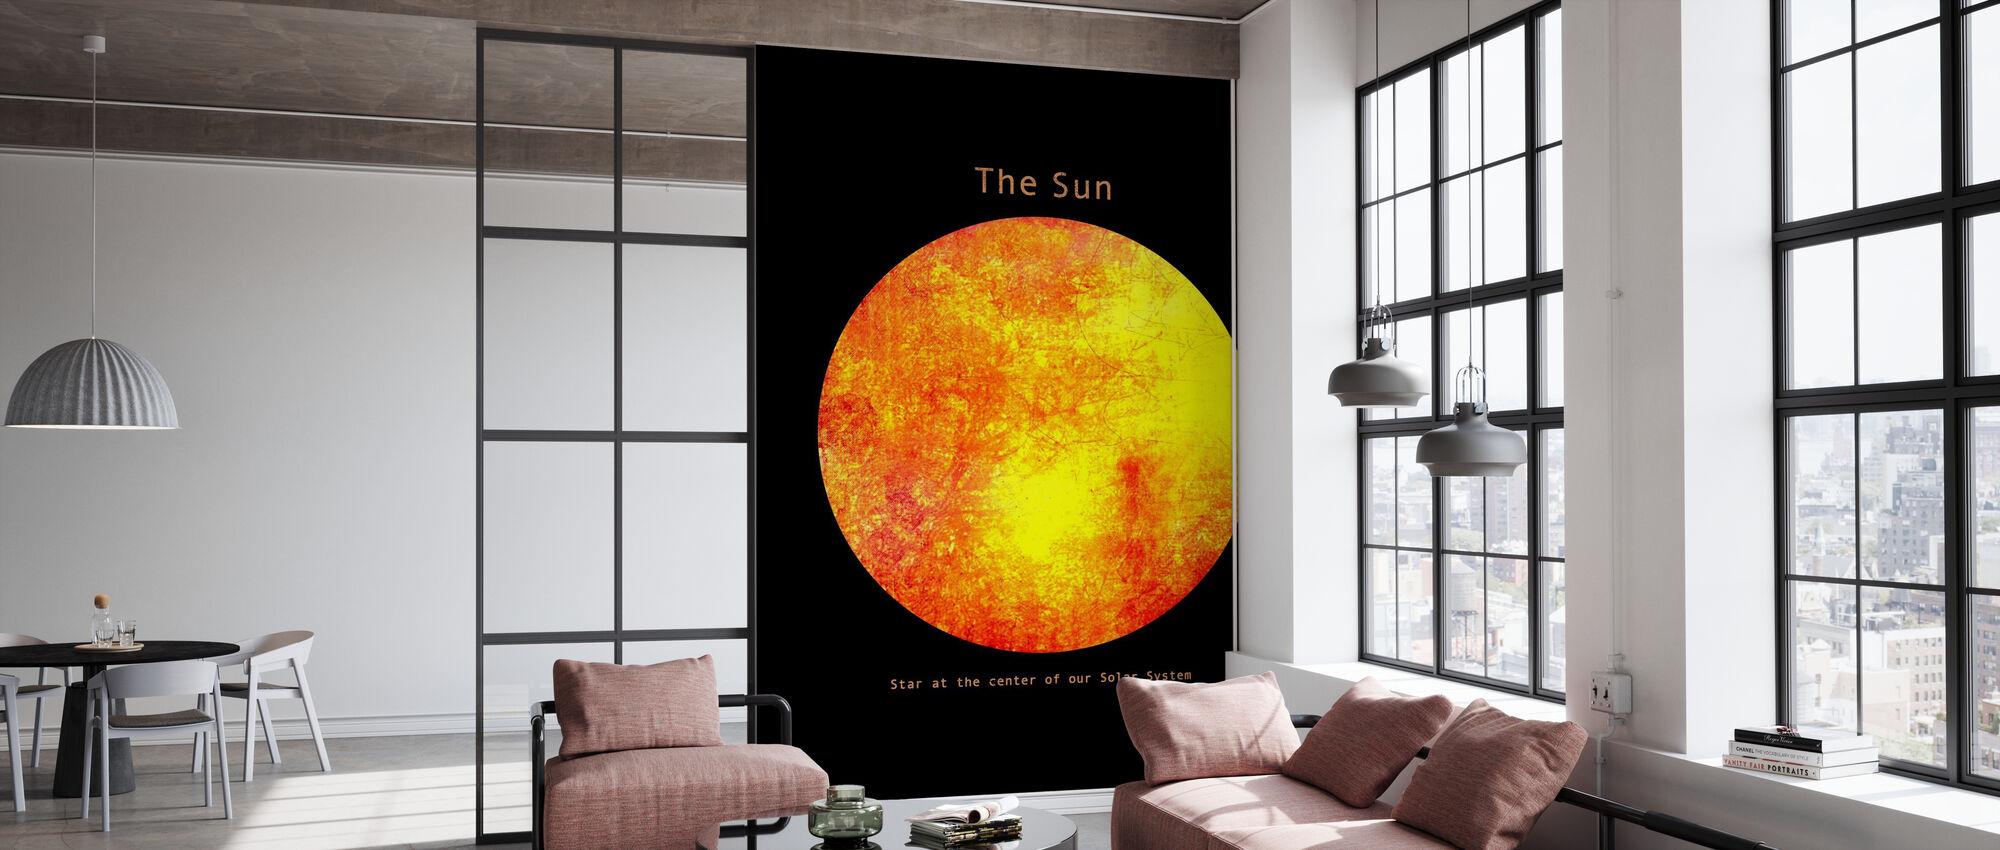 Solar System - Sun - Wallpaper - Office